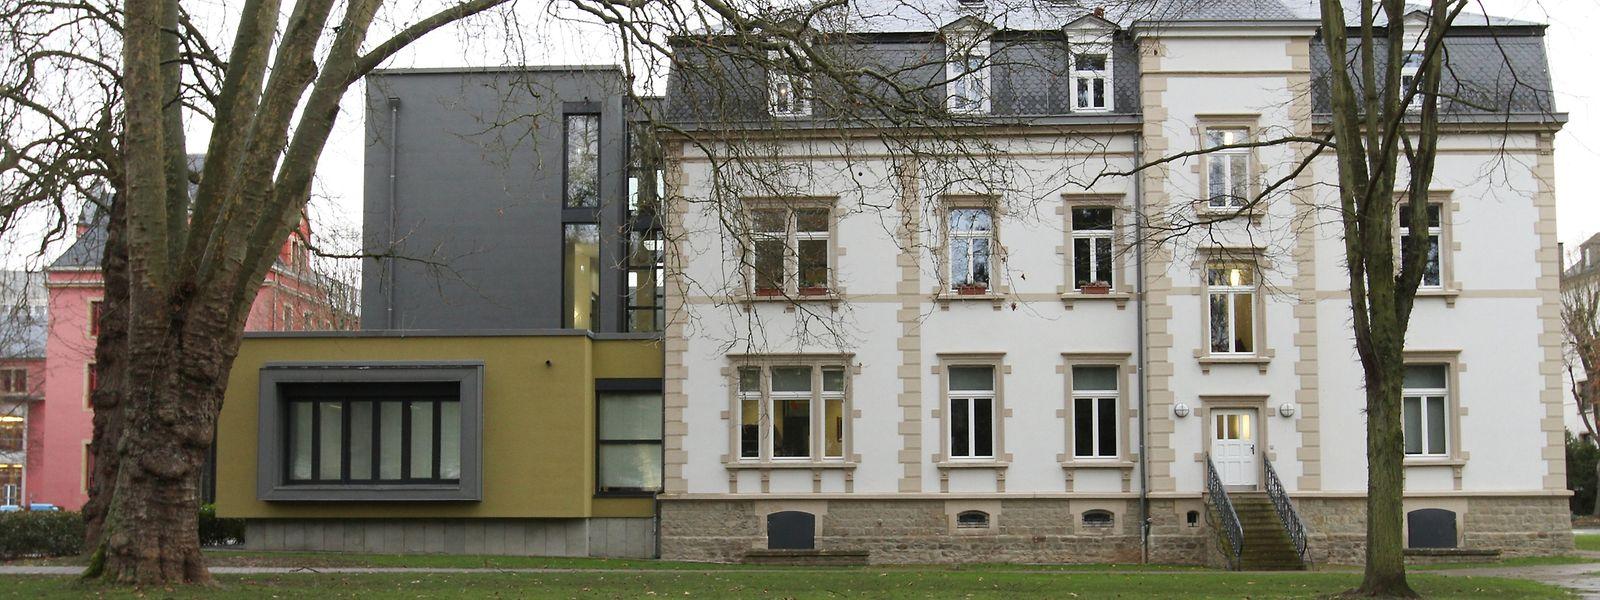 Auch die Rückseite des Diekircher Stadthauses, die an einen großen Park anschließt, lässt sich sehen.